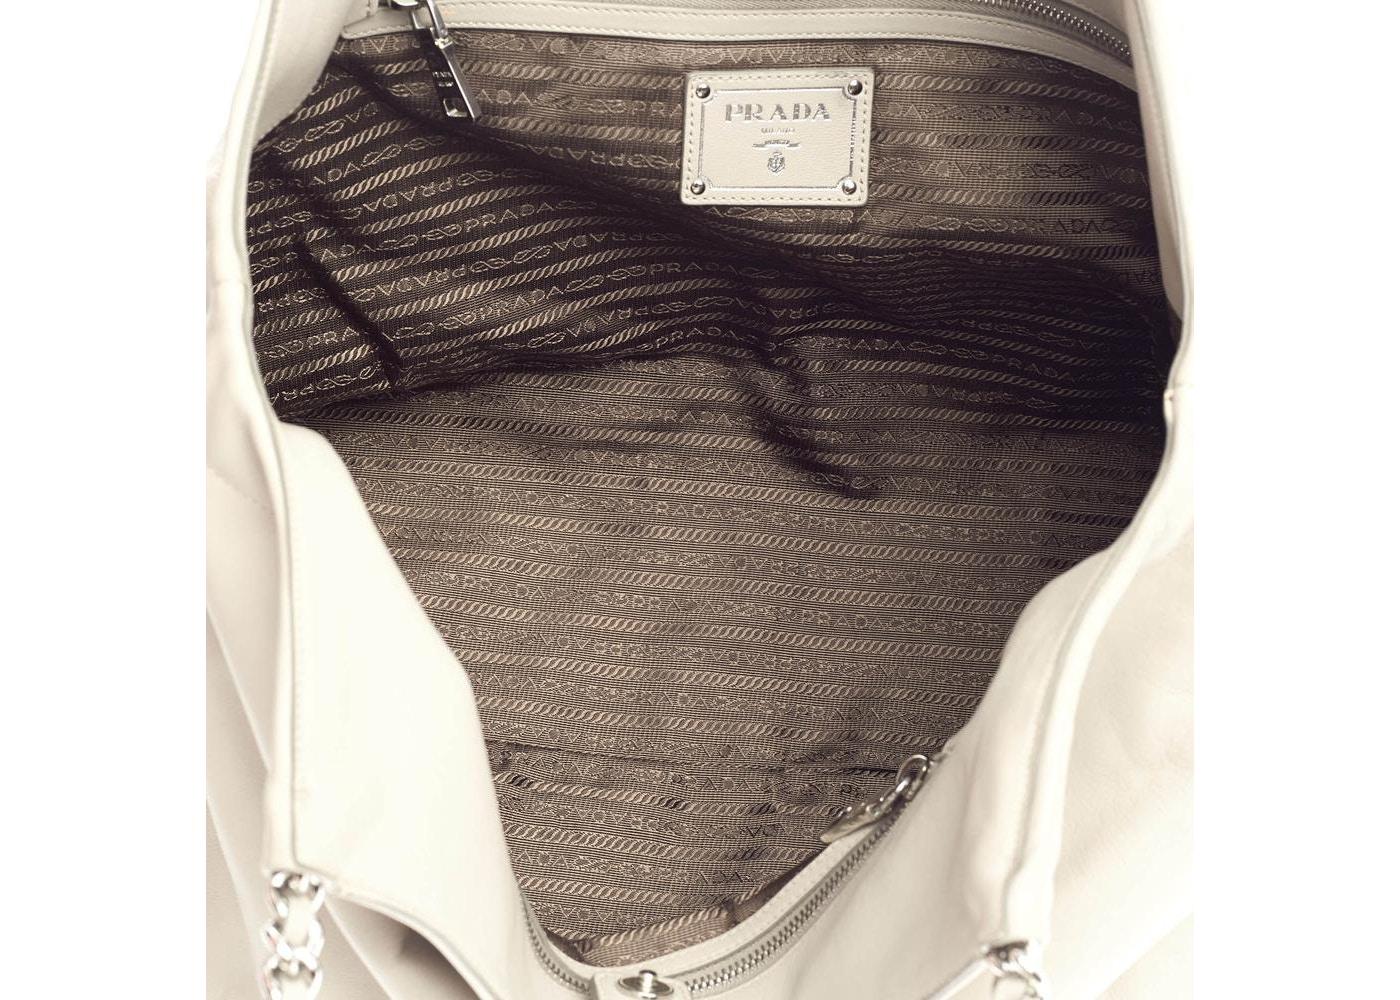 Prada Shoulder Bag Chain Tote Light Grey 1b5107385c205